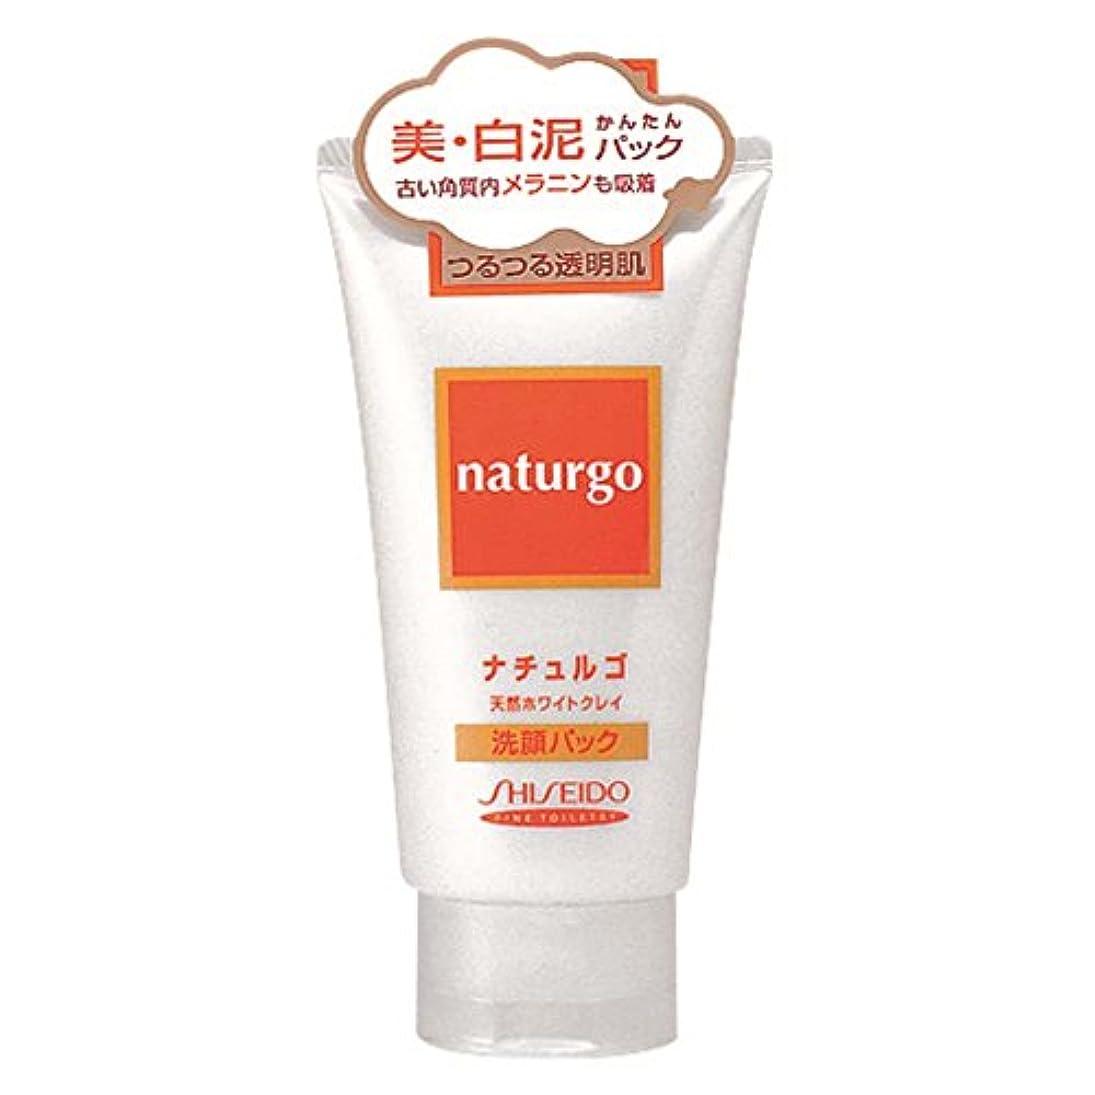 ブルブロー乳白【アウトレット品】ナチュルゴ 天然ホワイトクレイ洗顔パック